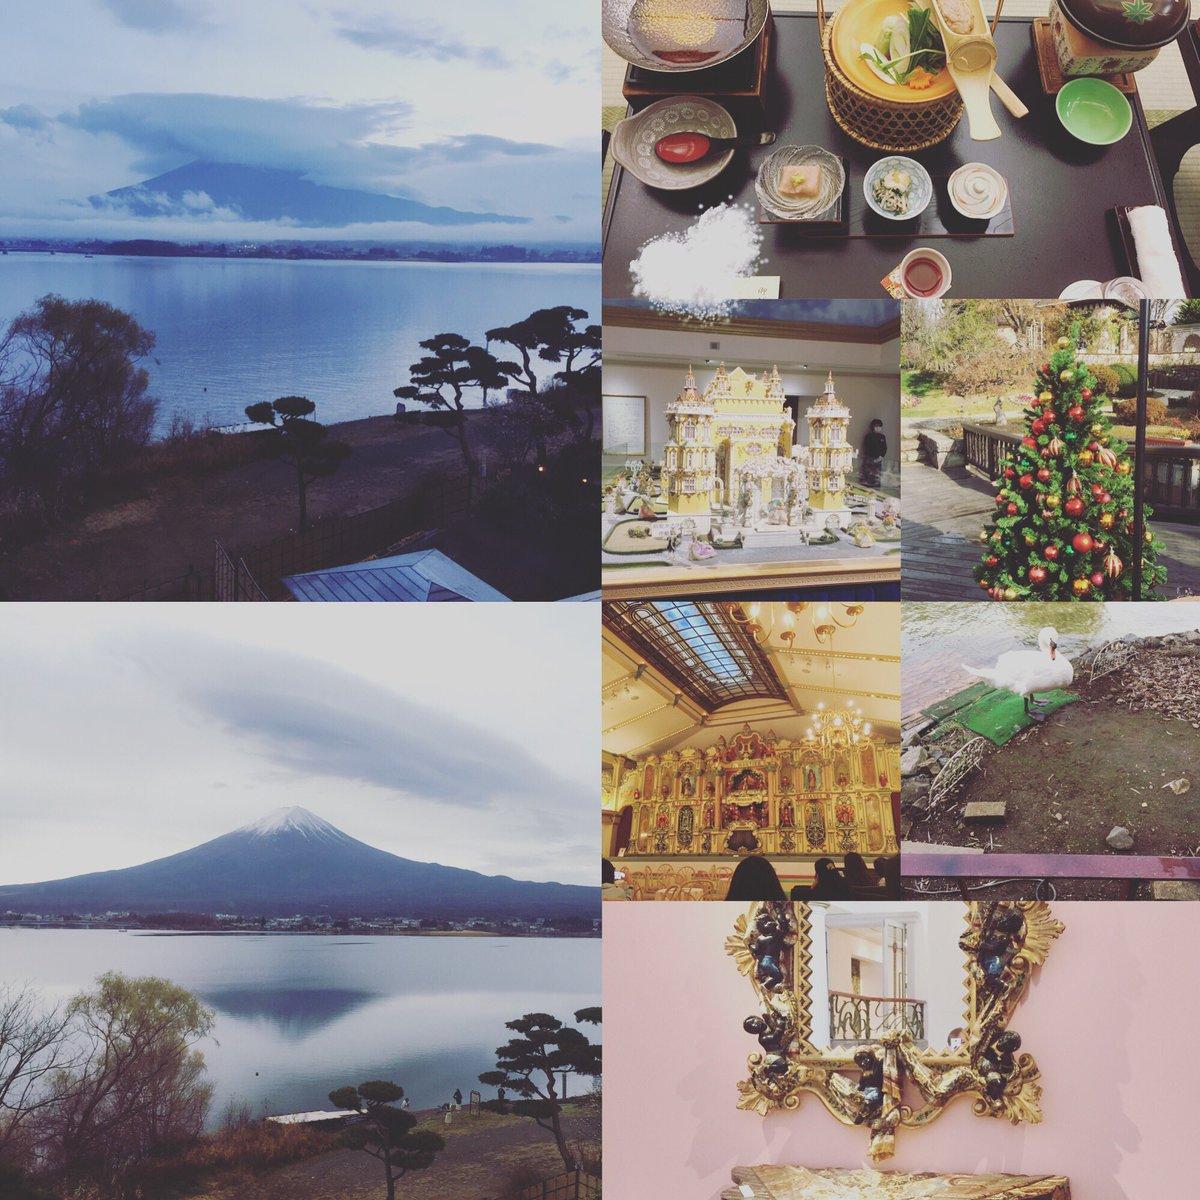 RT @ayuta71485745: お疲れ様です🌟 ちょっと前に河口湖の近くにお泊りしてきたよ😋 逆さ富士🗻おすそ分け🍀...